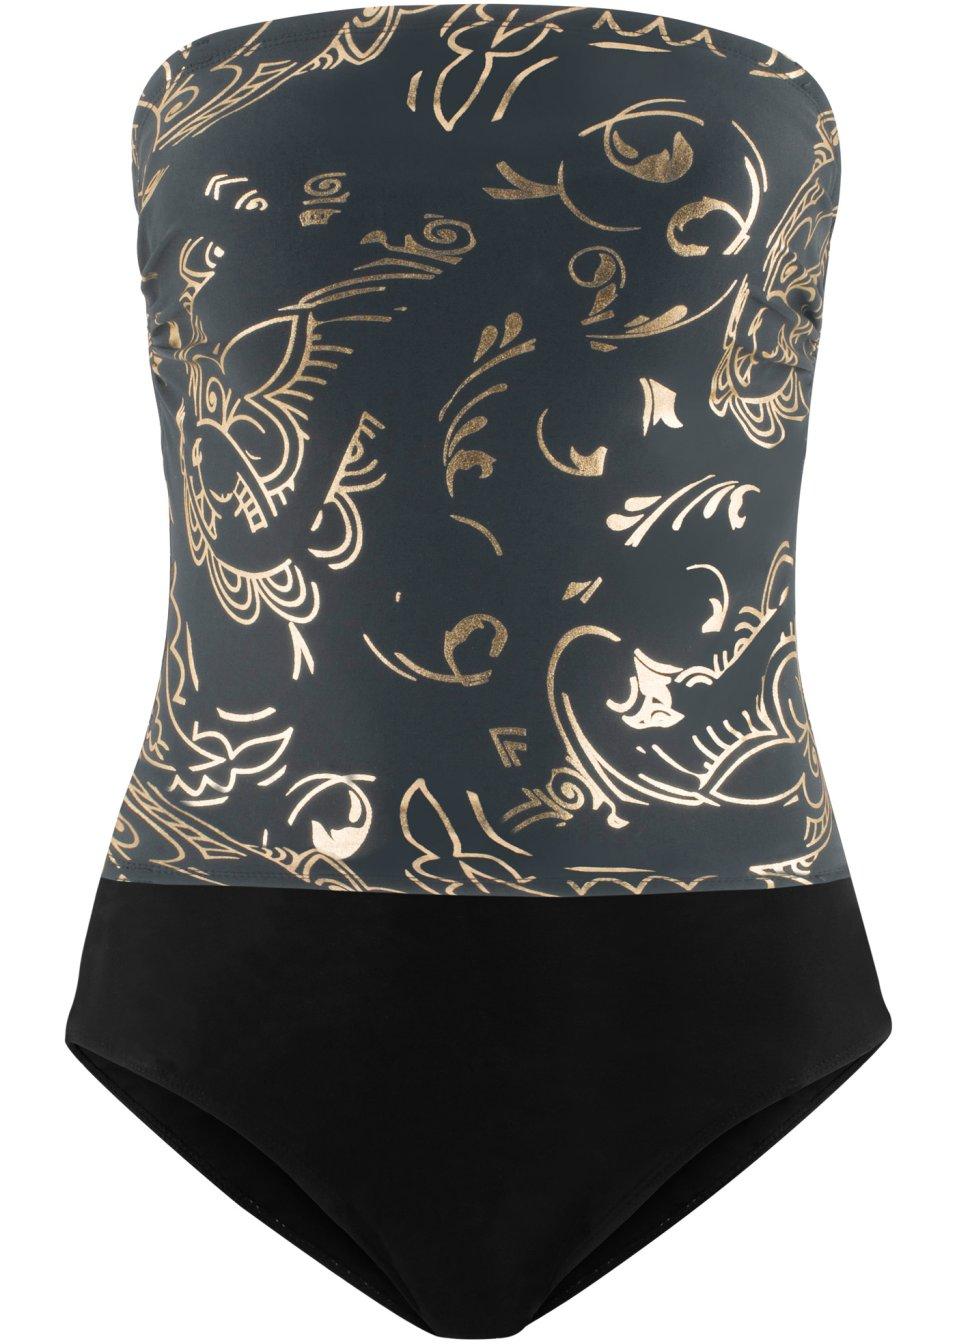 Schöner Badeanzug aus formendem Material - schwarz/gold NE7Vm YVOVd